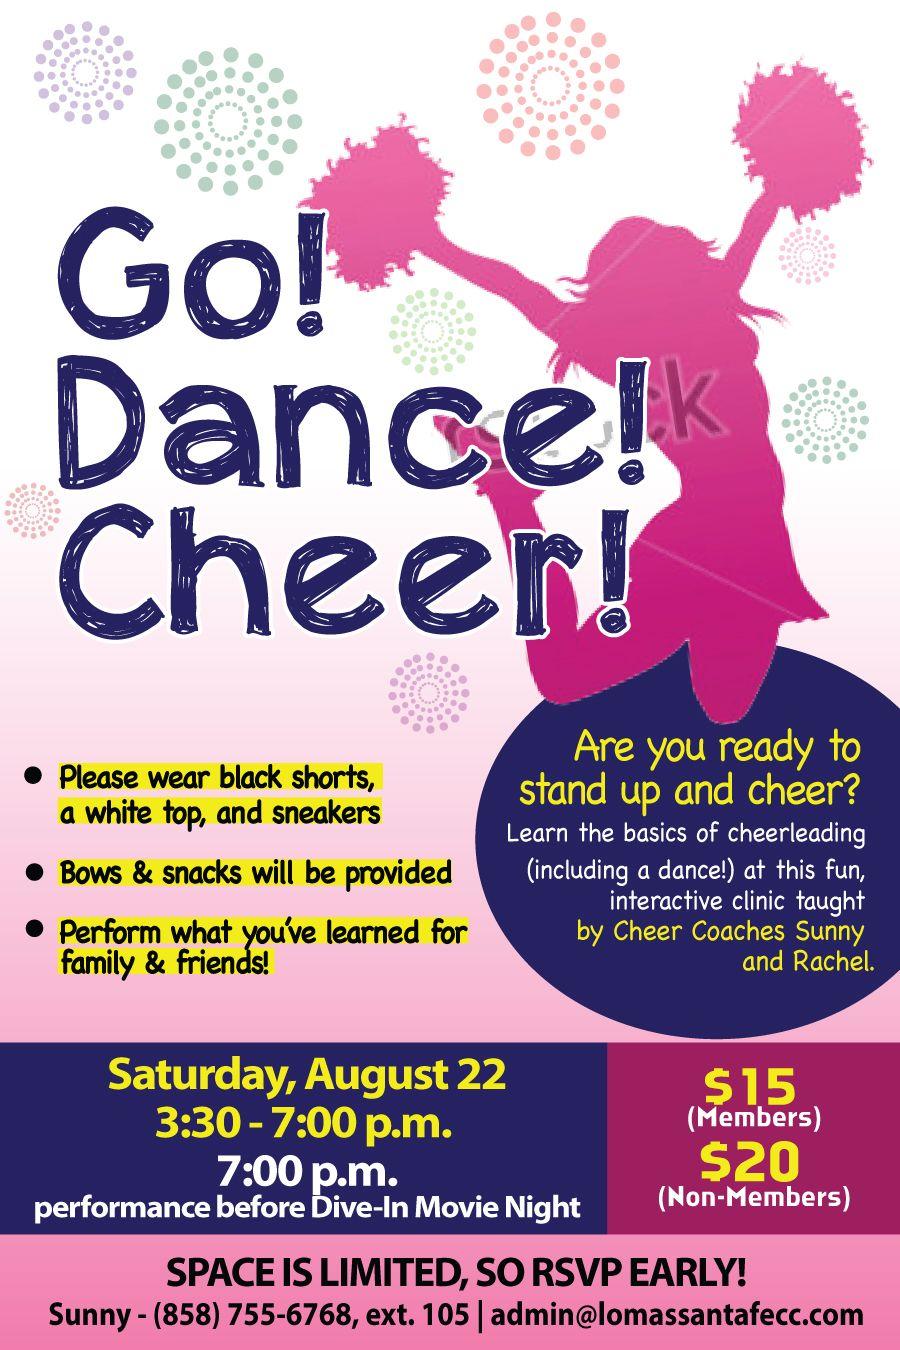 cheer clinic flyer poster design template kids pinterest cheer